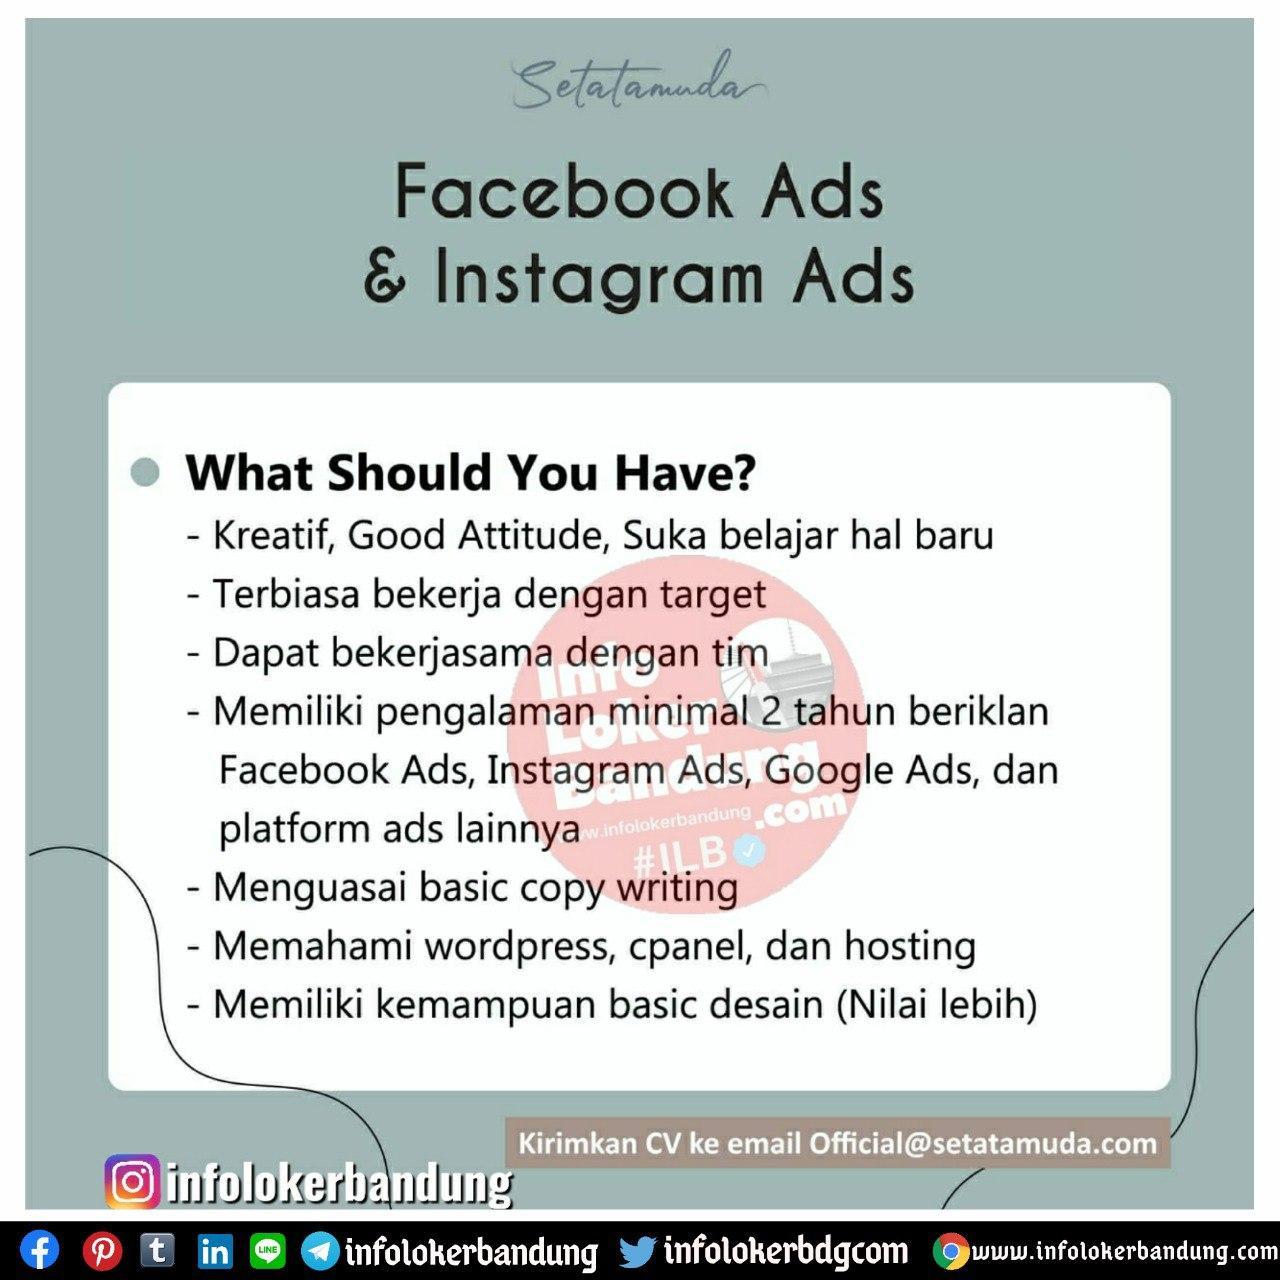 Lowongan Kerja Faceviij Ads & Instagram Ads Setatamuda Bandung Juli 2020